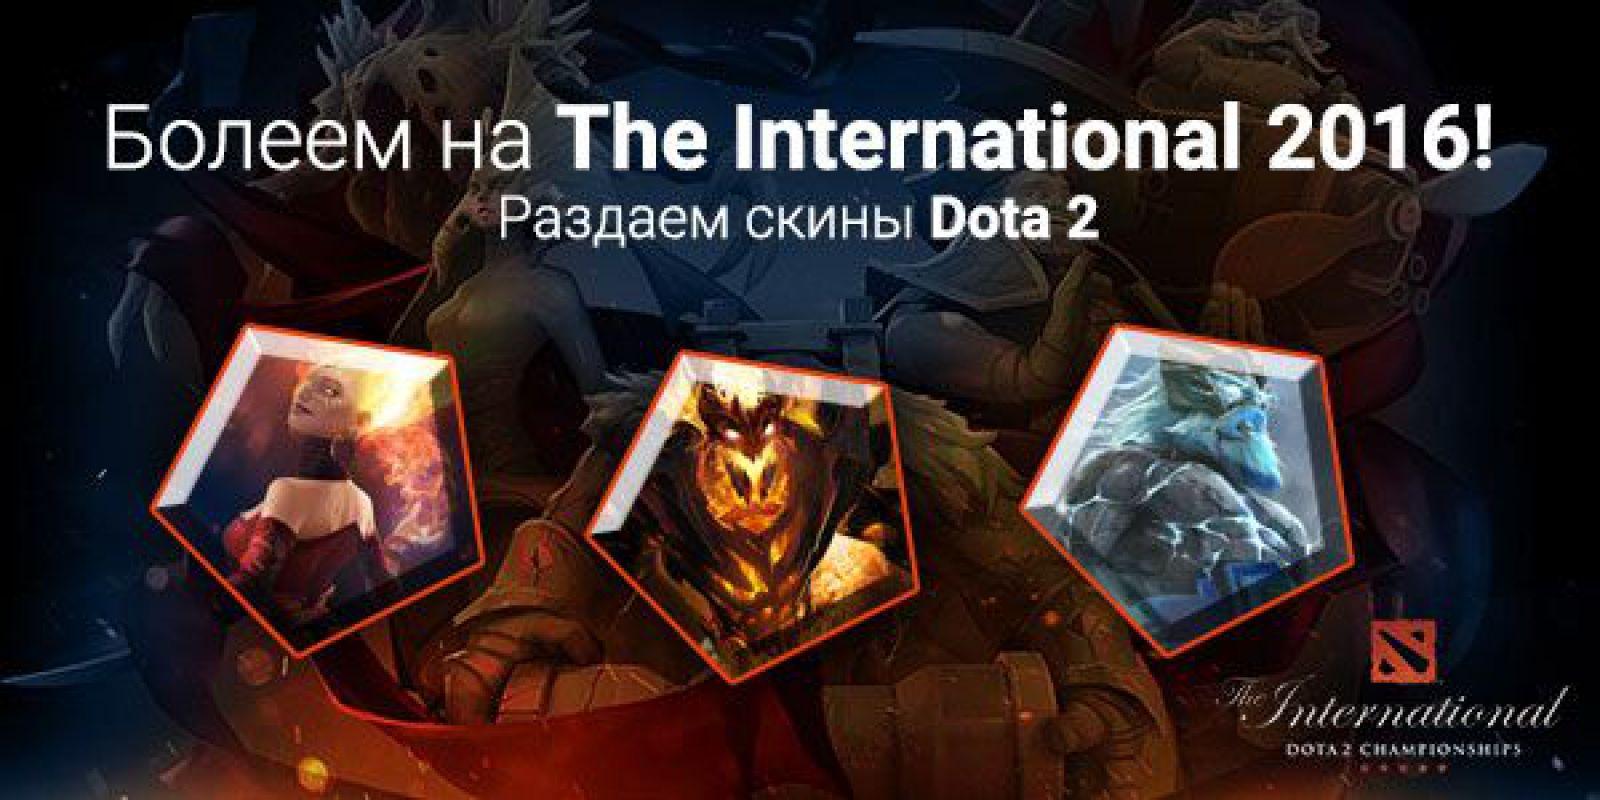 Раздача G2A скинов DOTA 2 в честь The International 2016